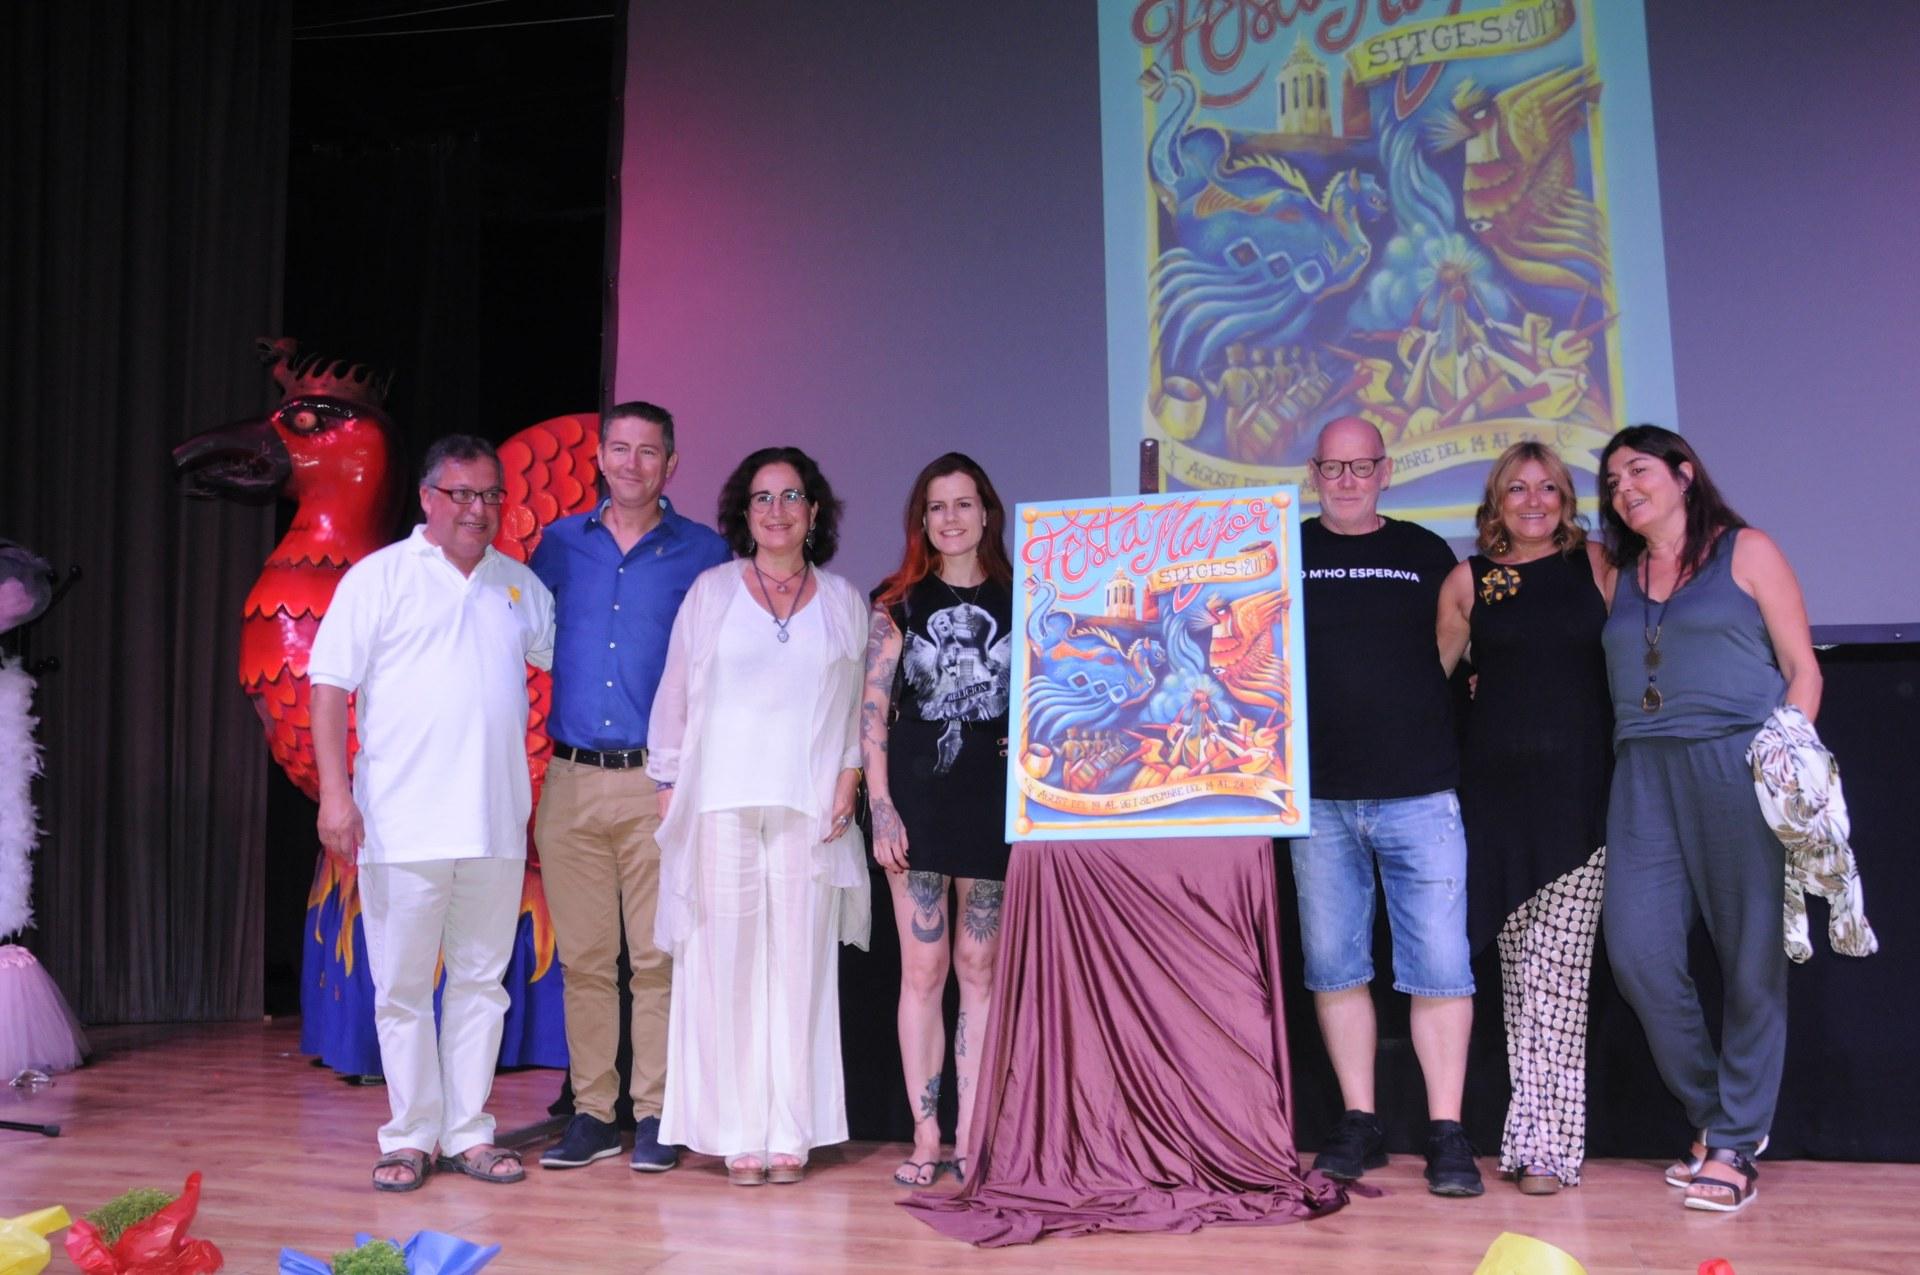 La presentació dels protagonistes ha protagonitzat el primer dels actes de la Festa Major 2019